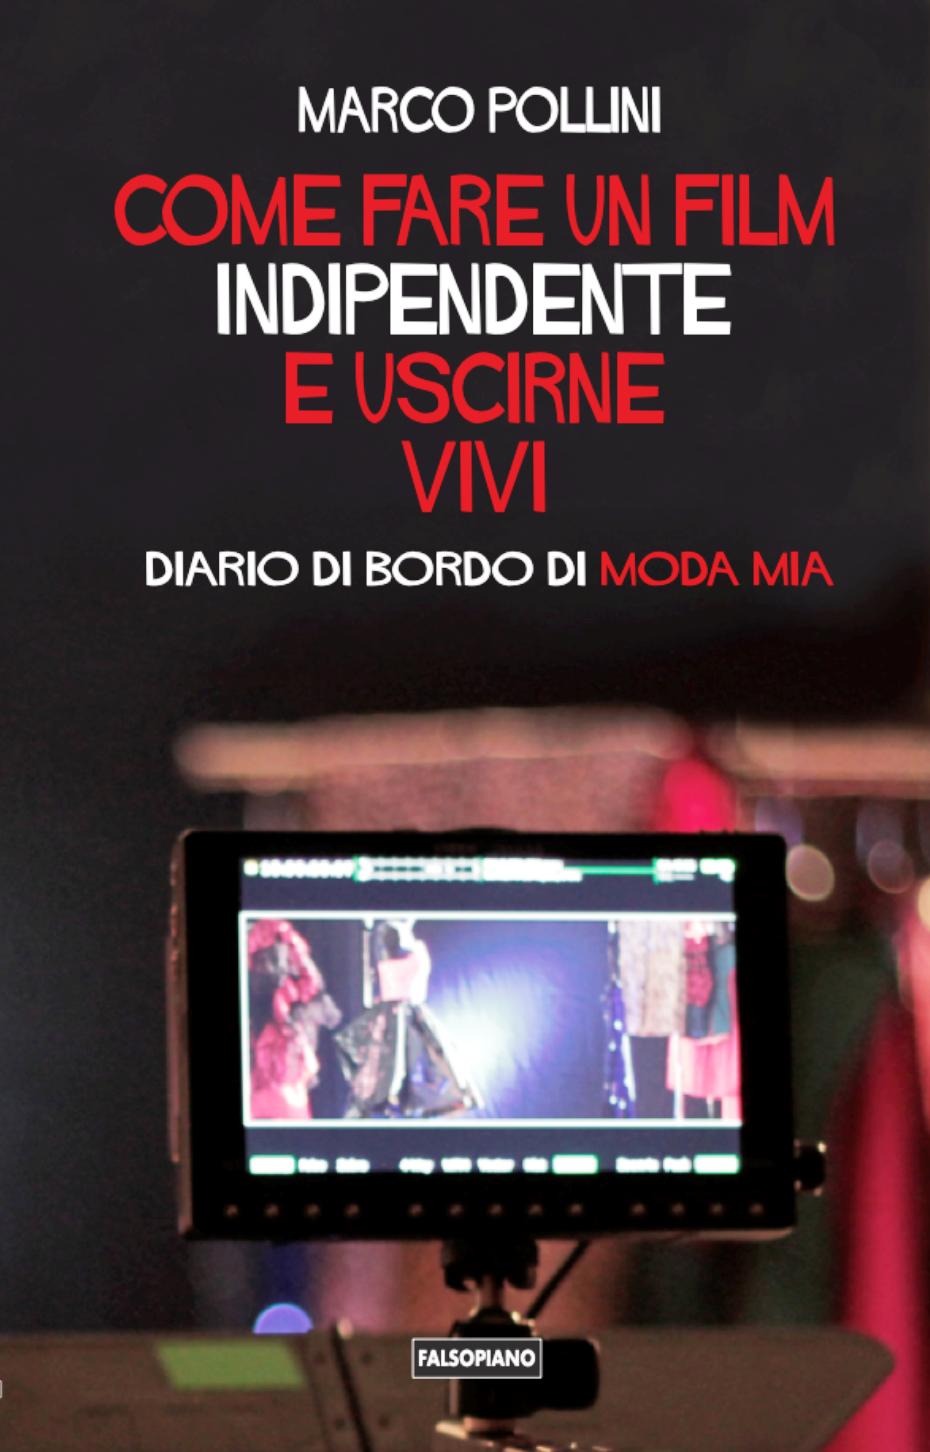 Come fare un film indipendente e uscirne vivi. Diario di bordo di Moda Mia